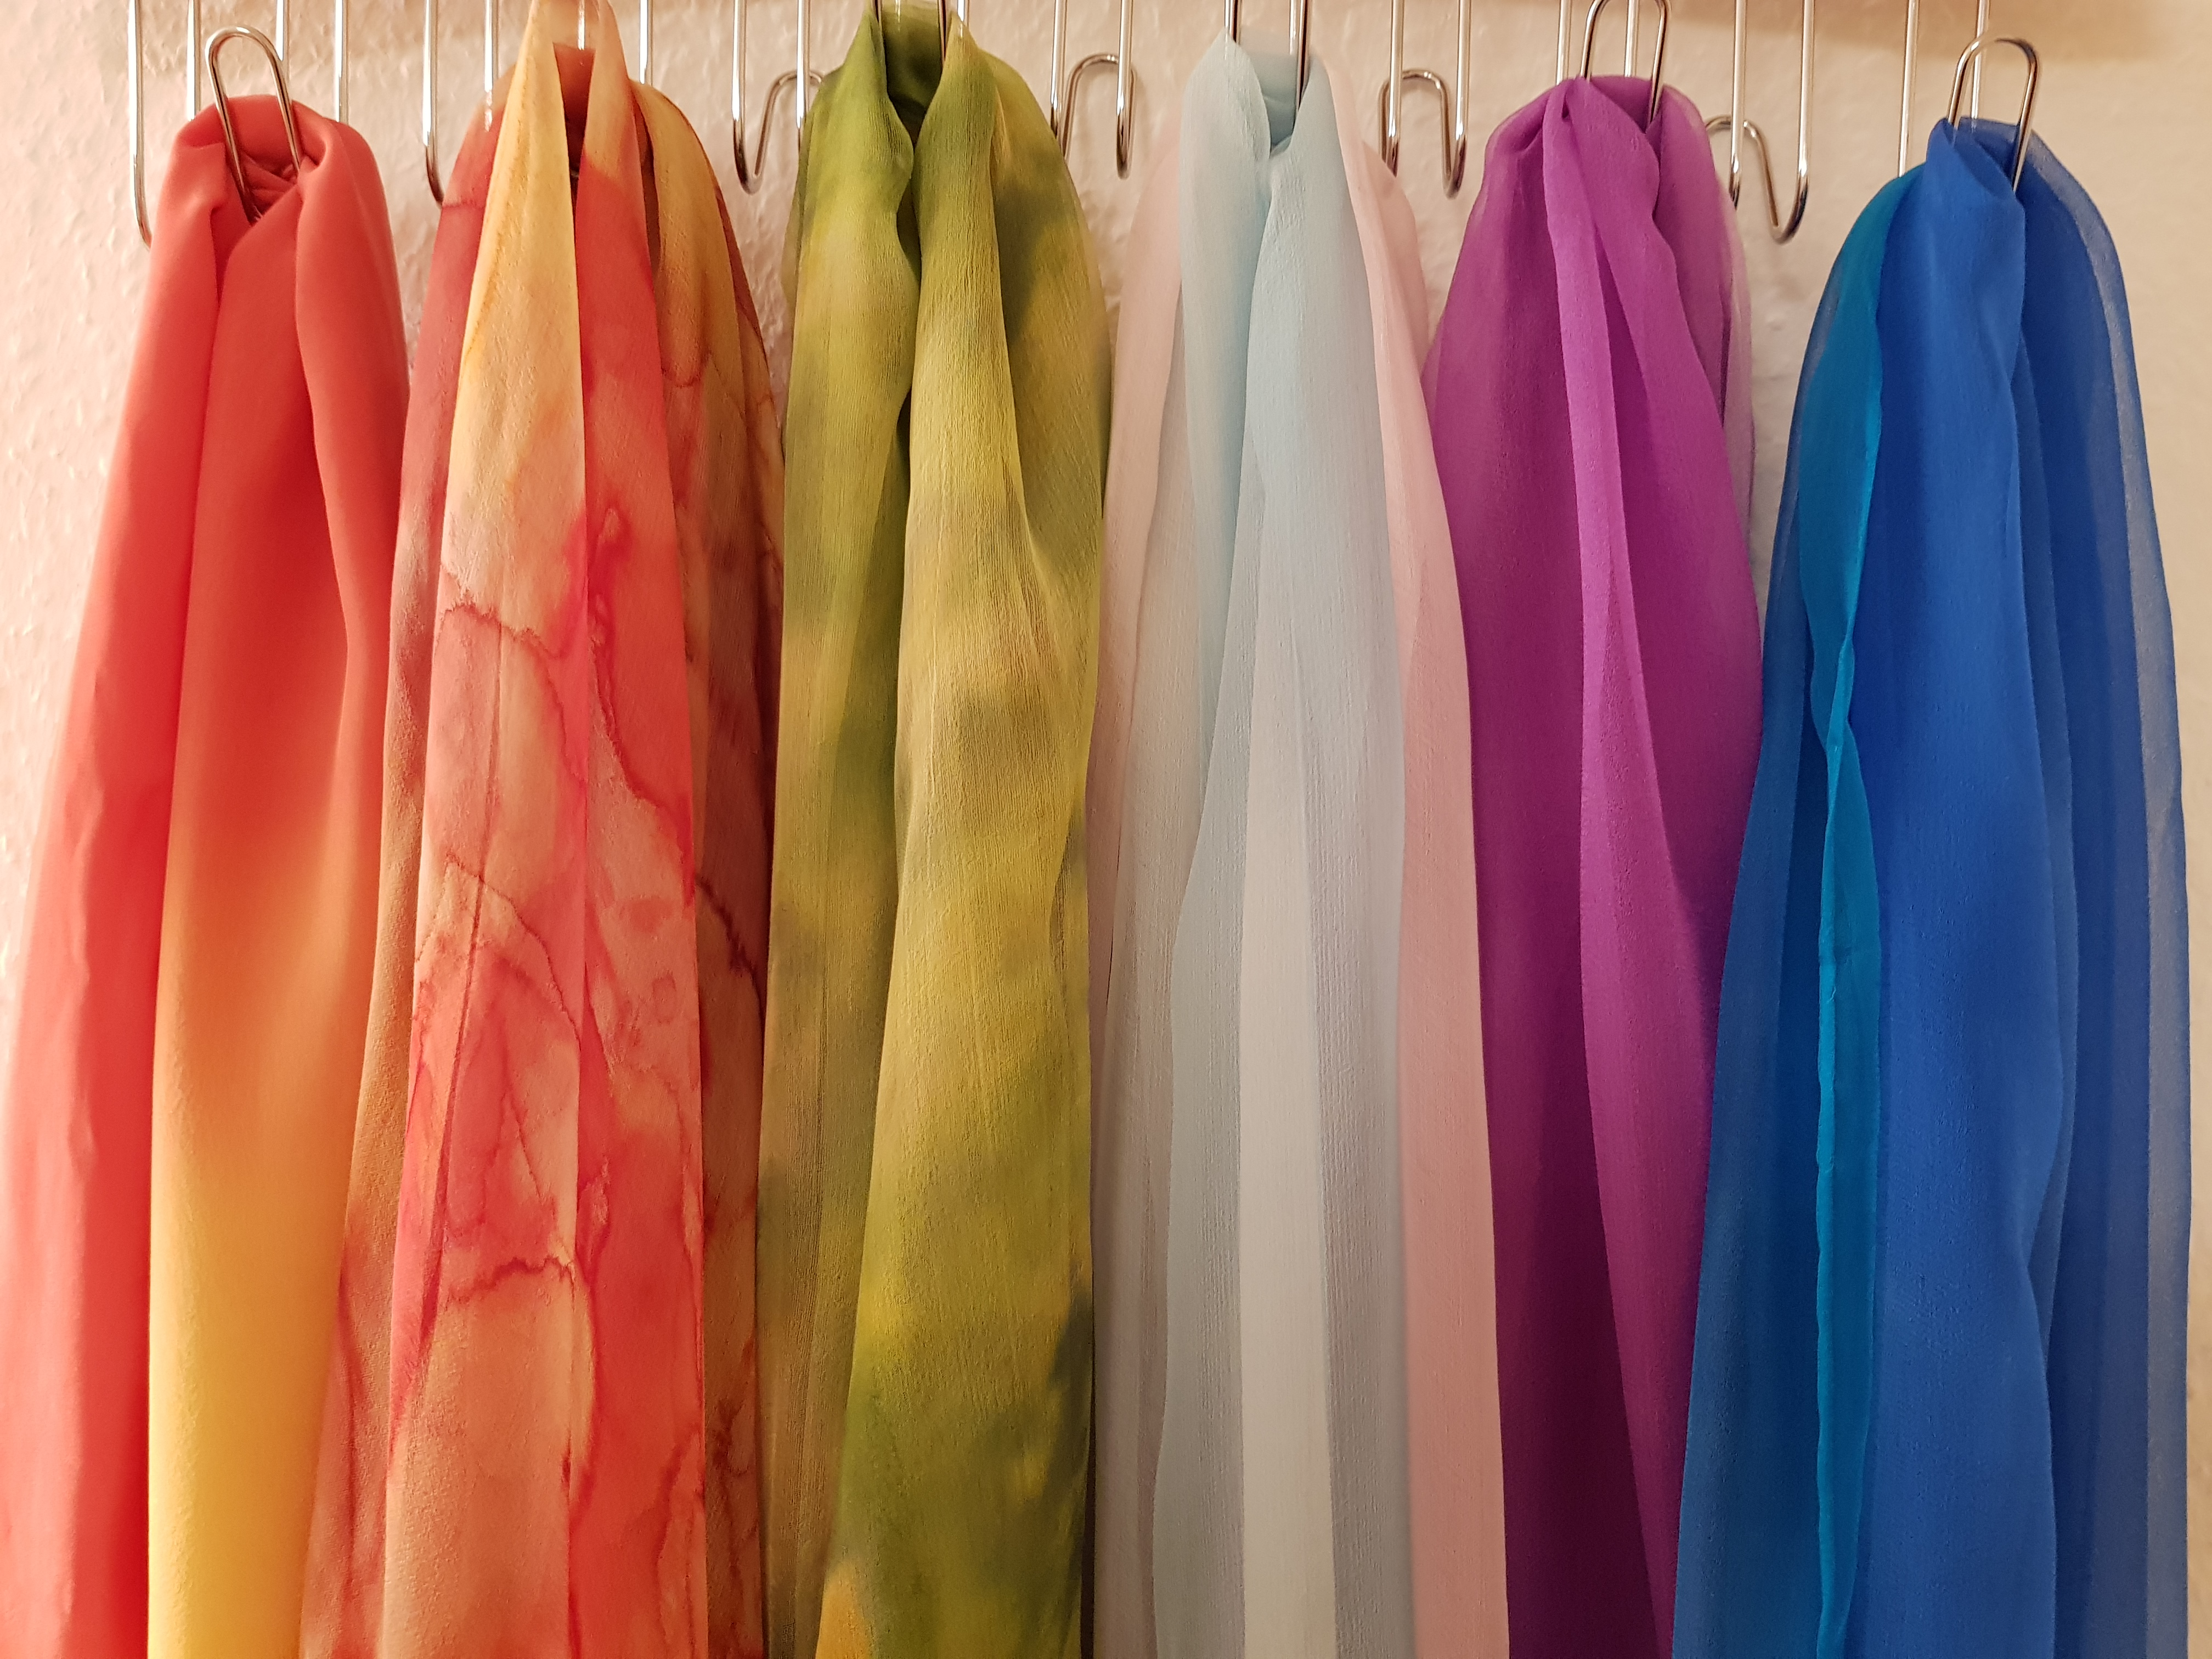 Welche Tücher und Schals sollte ich kaufen?